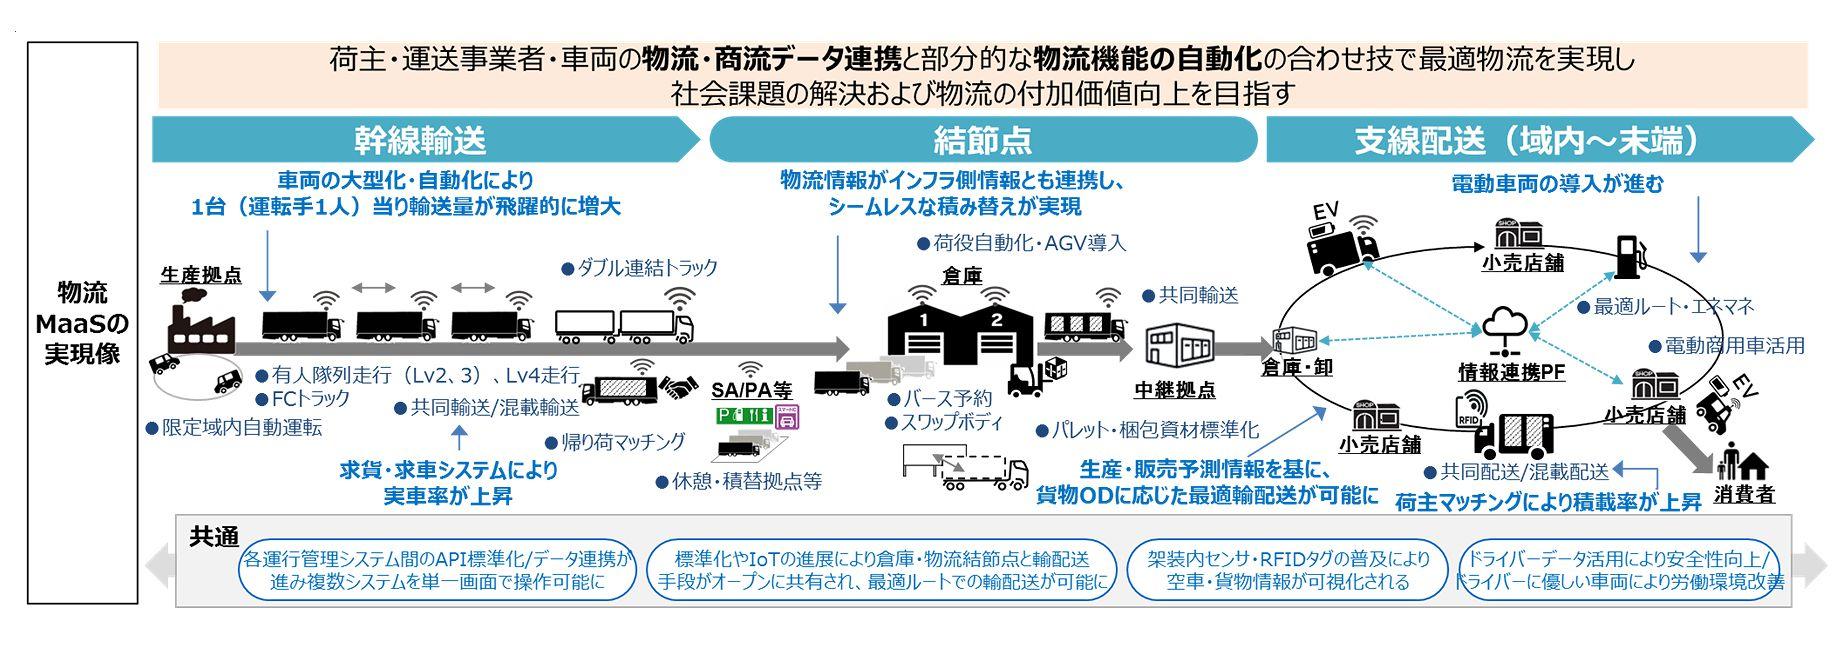 経産省、「物流MaaS」実現へトラックデータ標準化